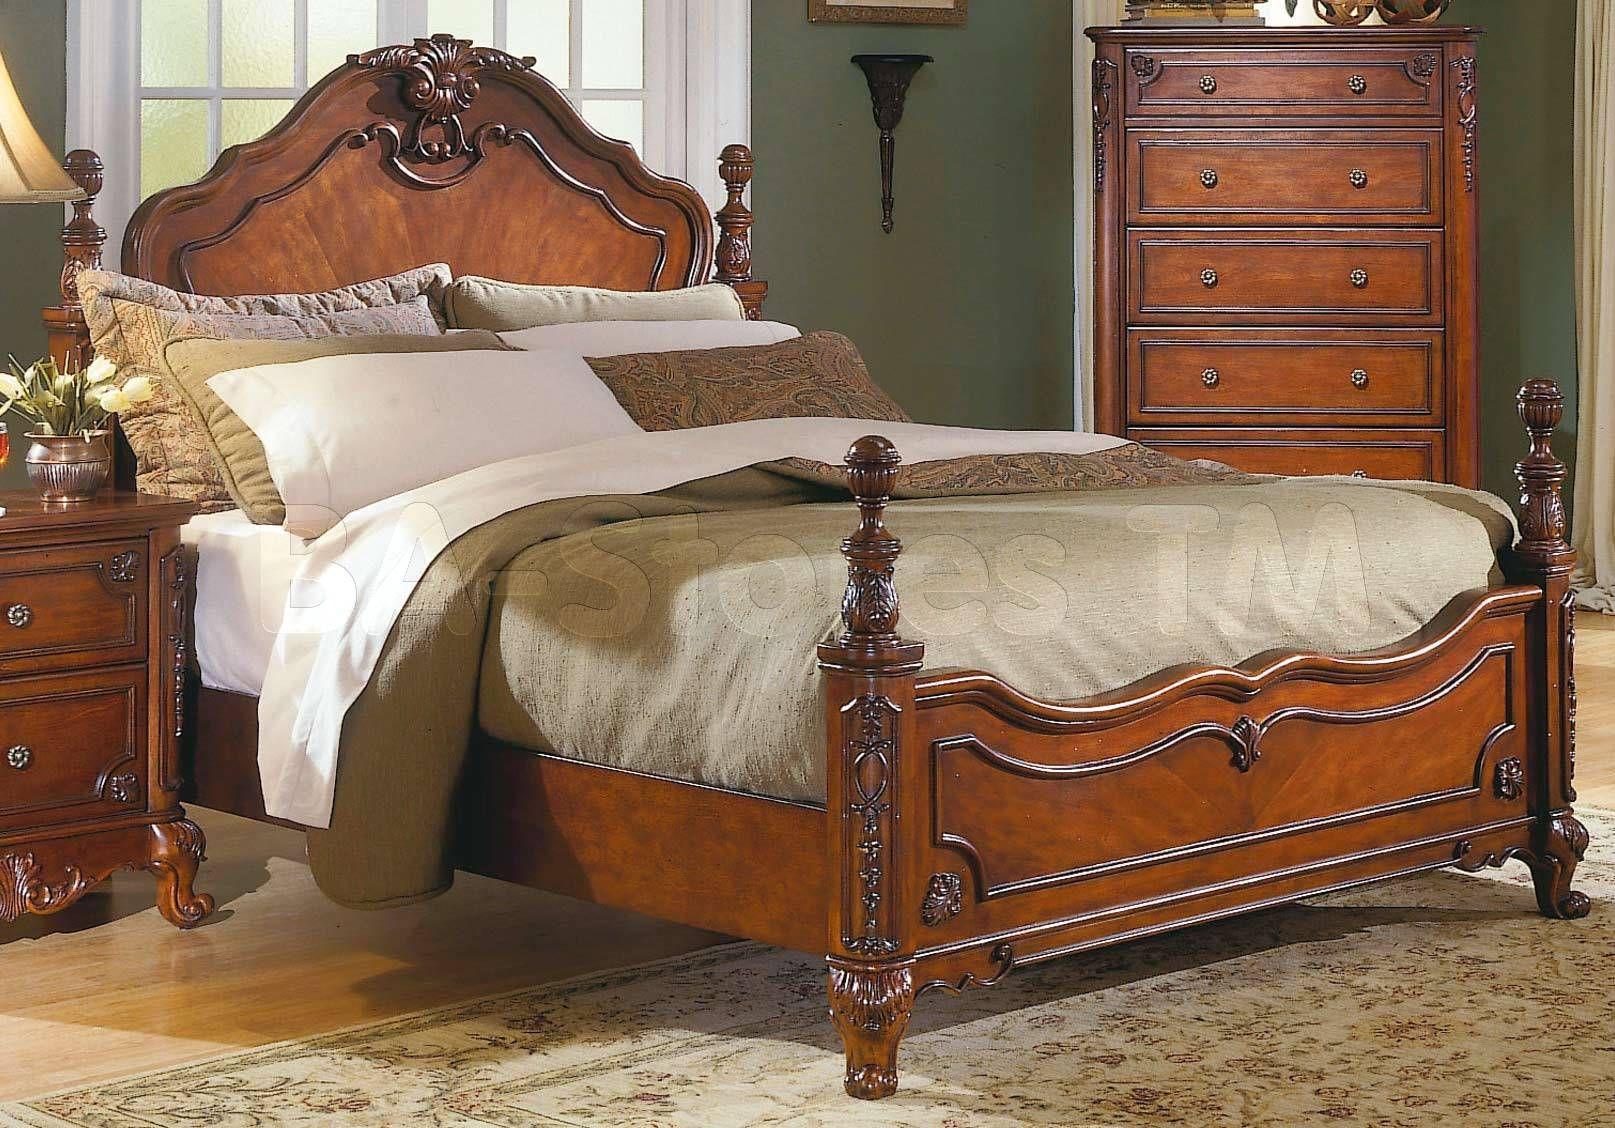 bedroom designs bedroom ideas bed designs bedroom decorating ideas